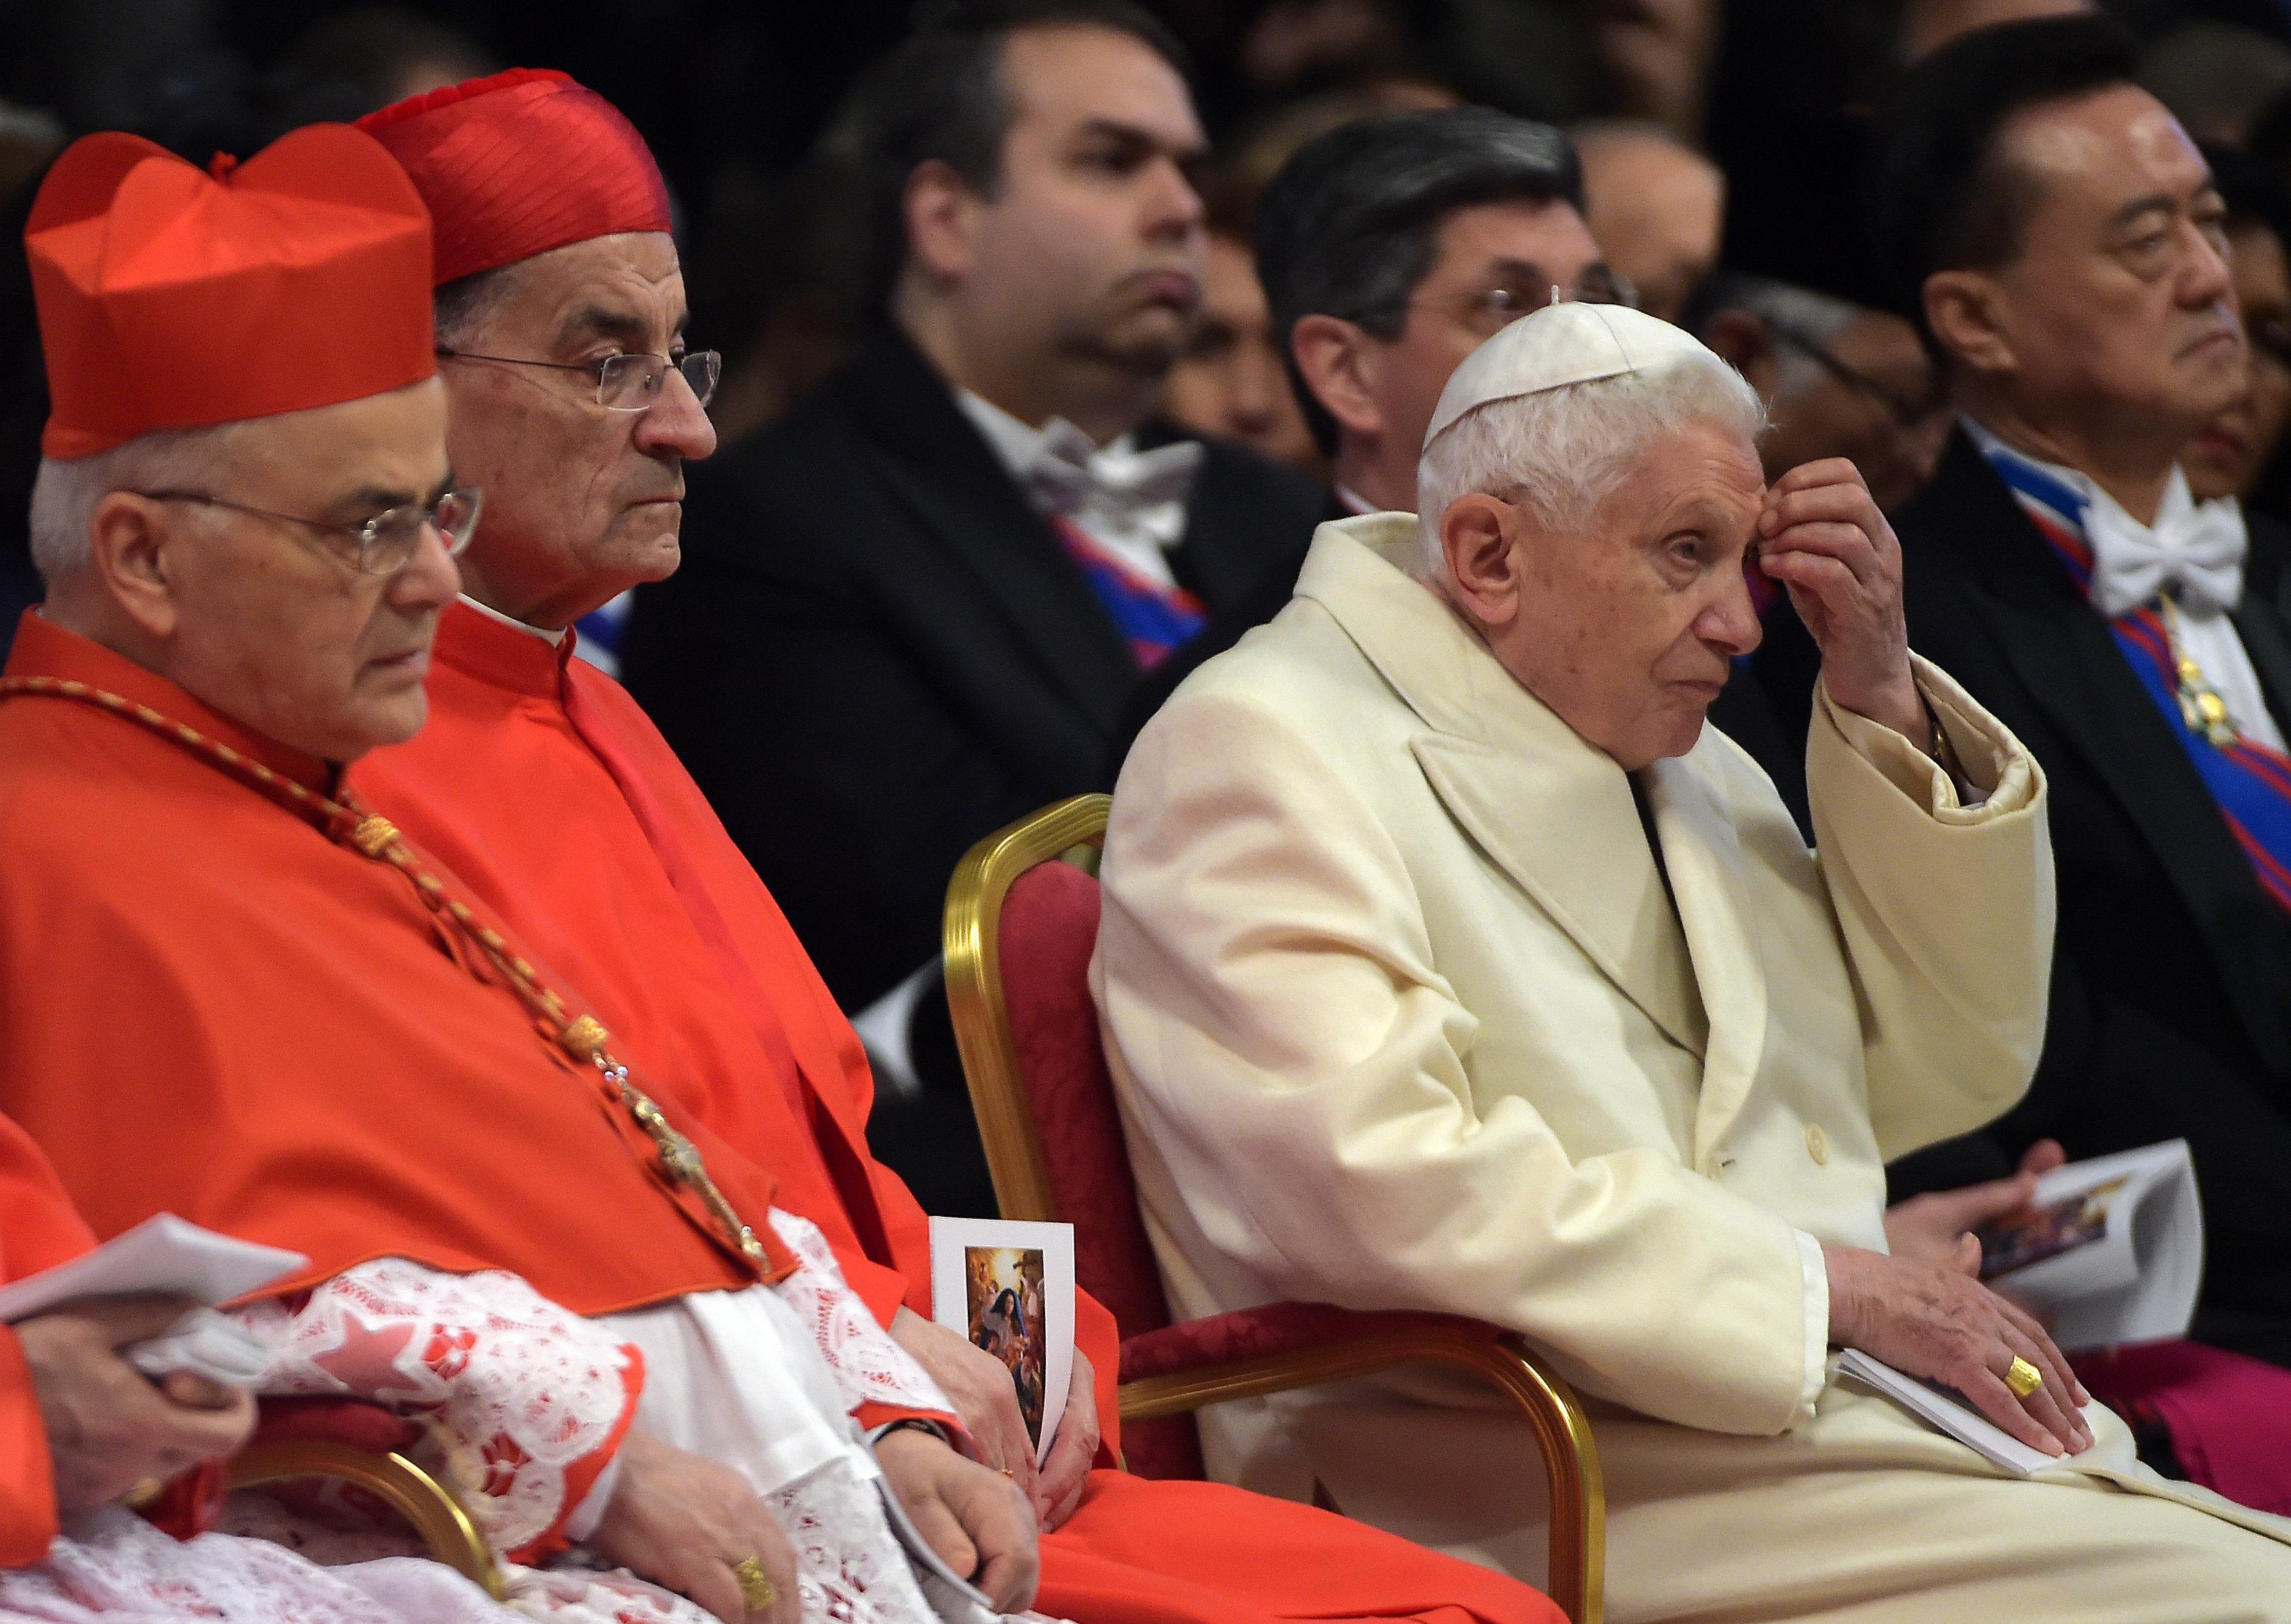 Pour l'ancien pape Benoît XVI, les scandales de pédophilie s'expliquent par Mai